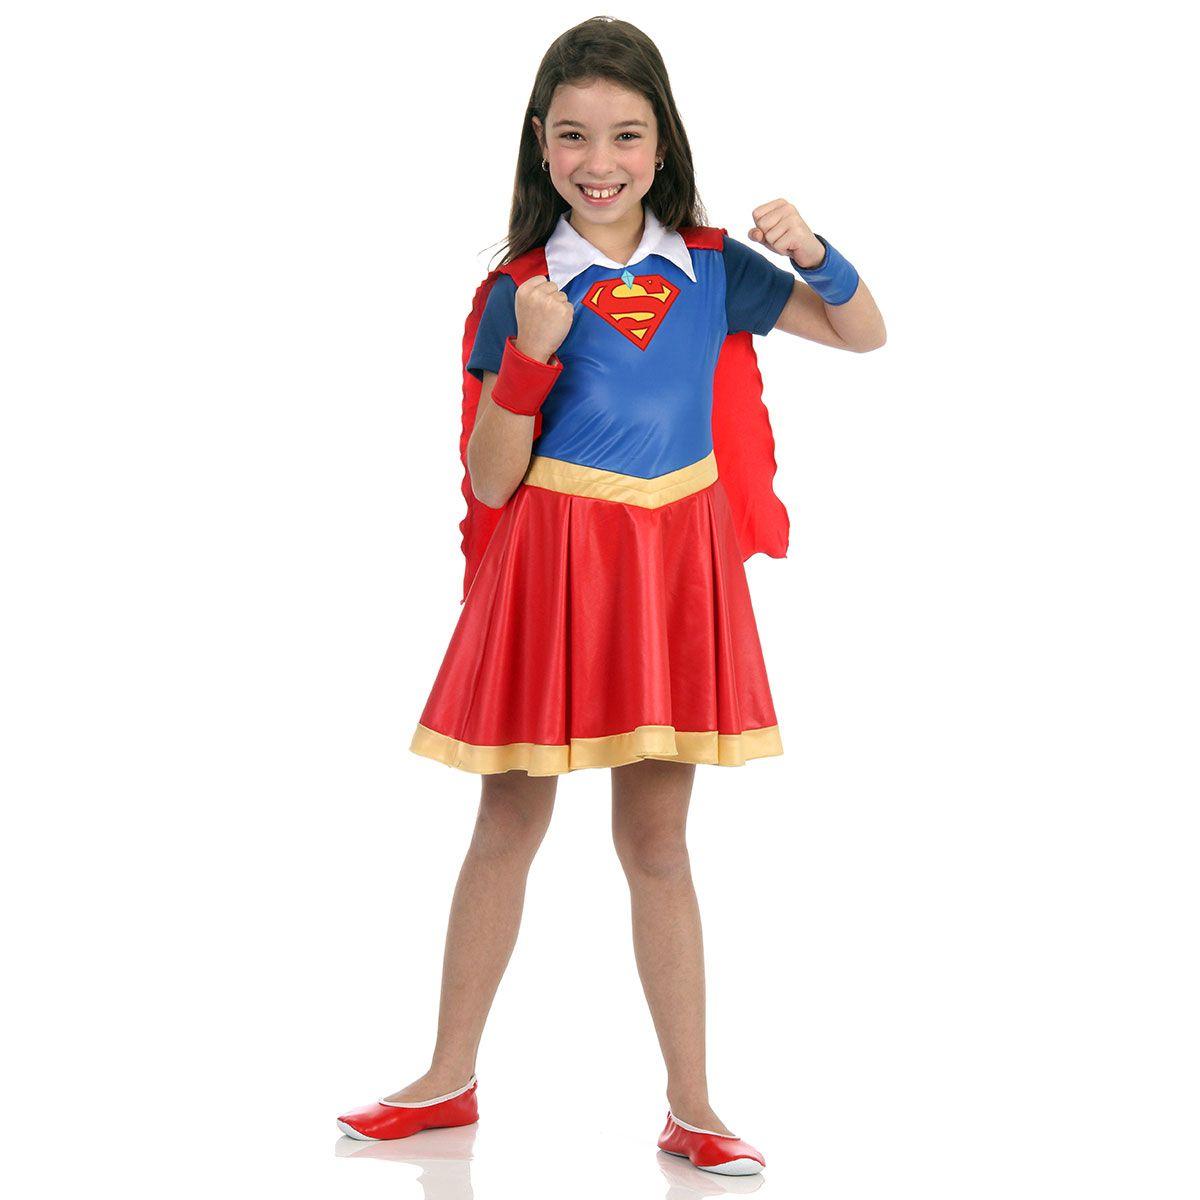 Fantasia Super Mulher DC Super Hero Girls